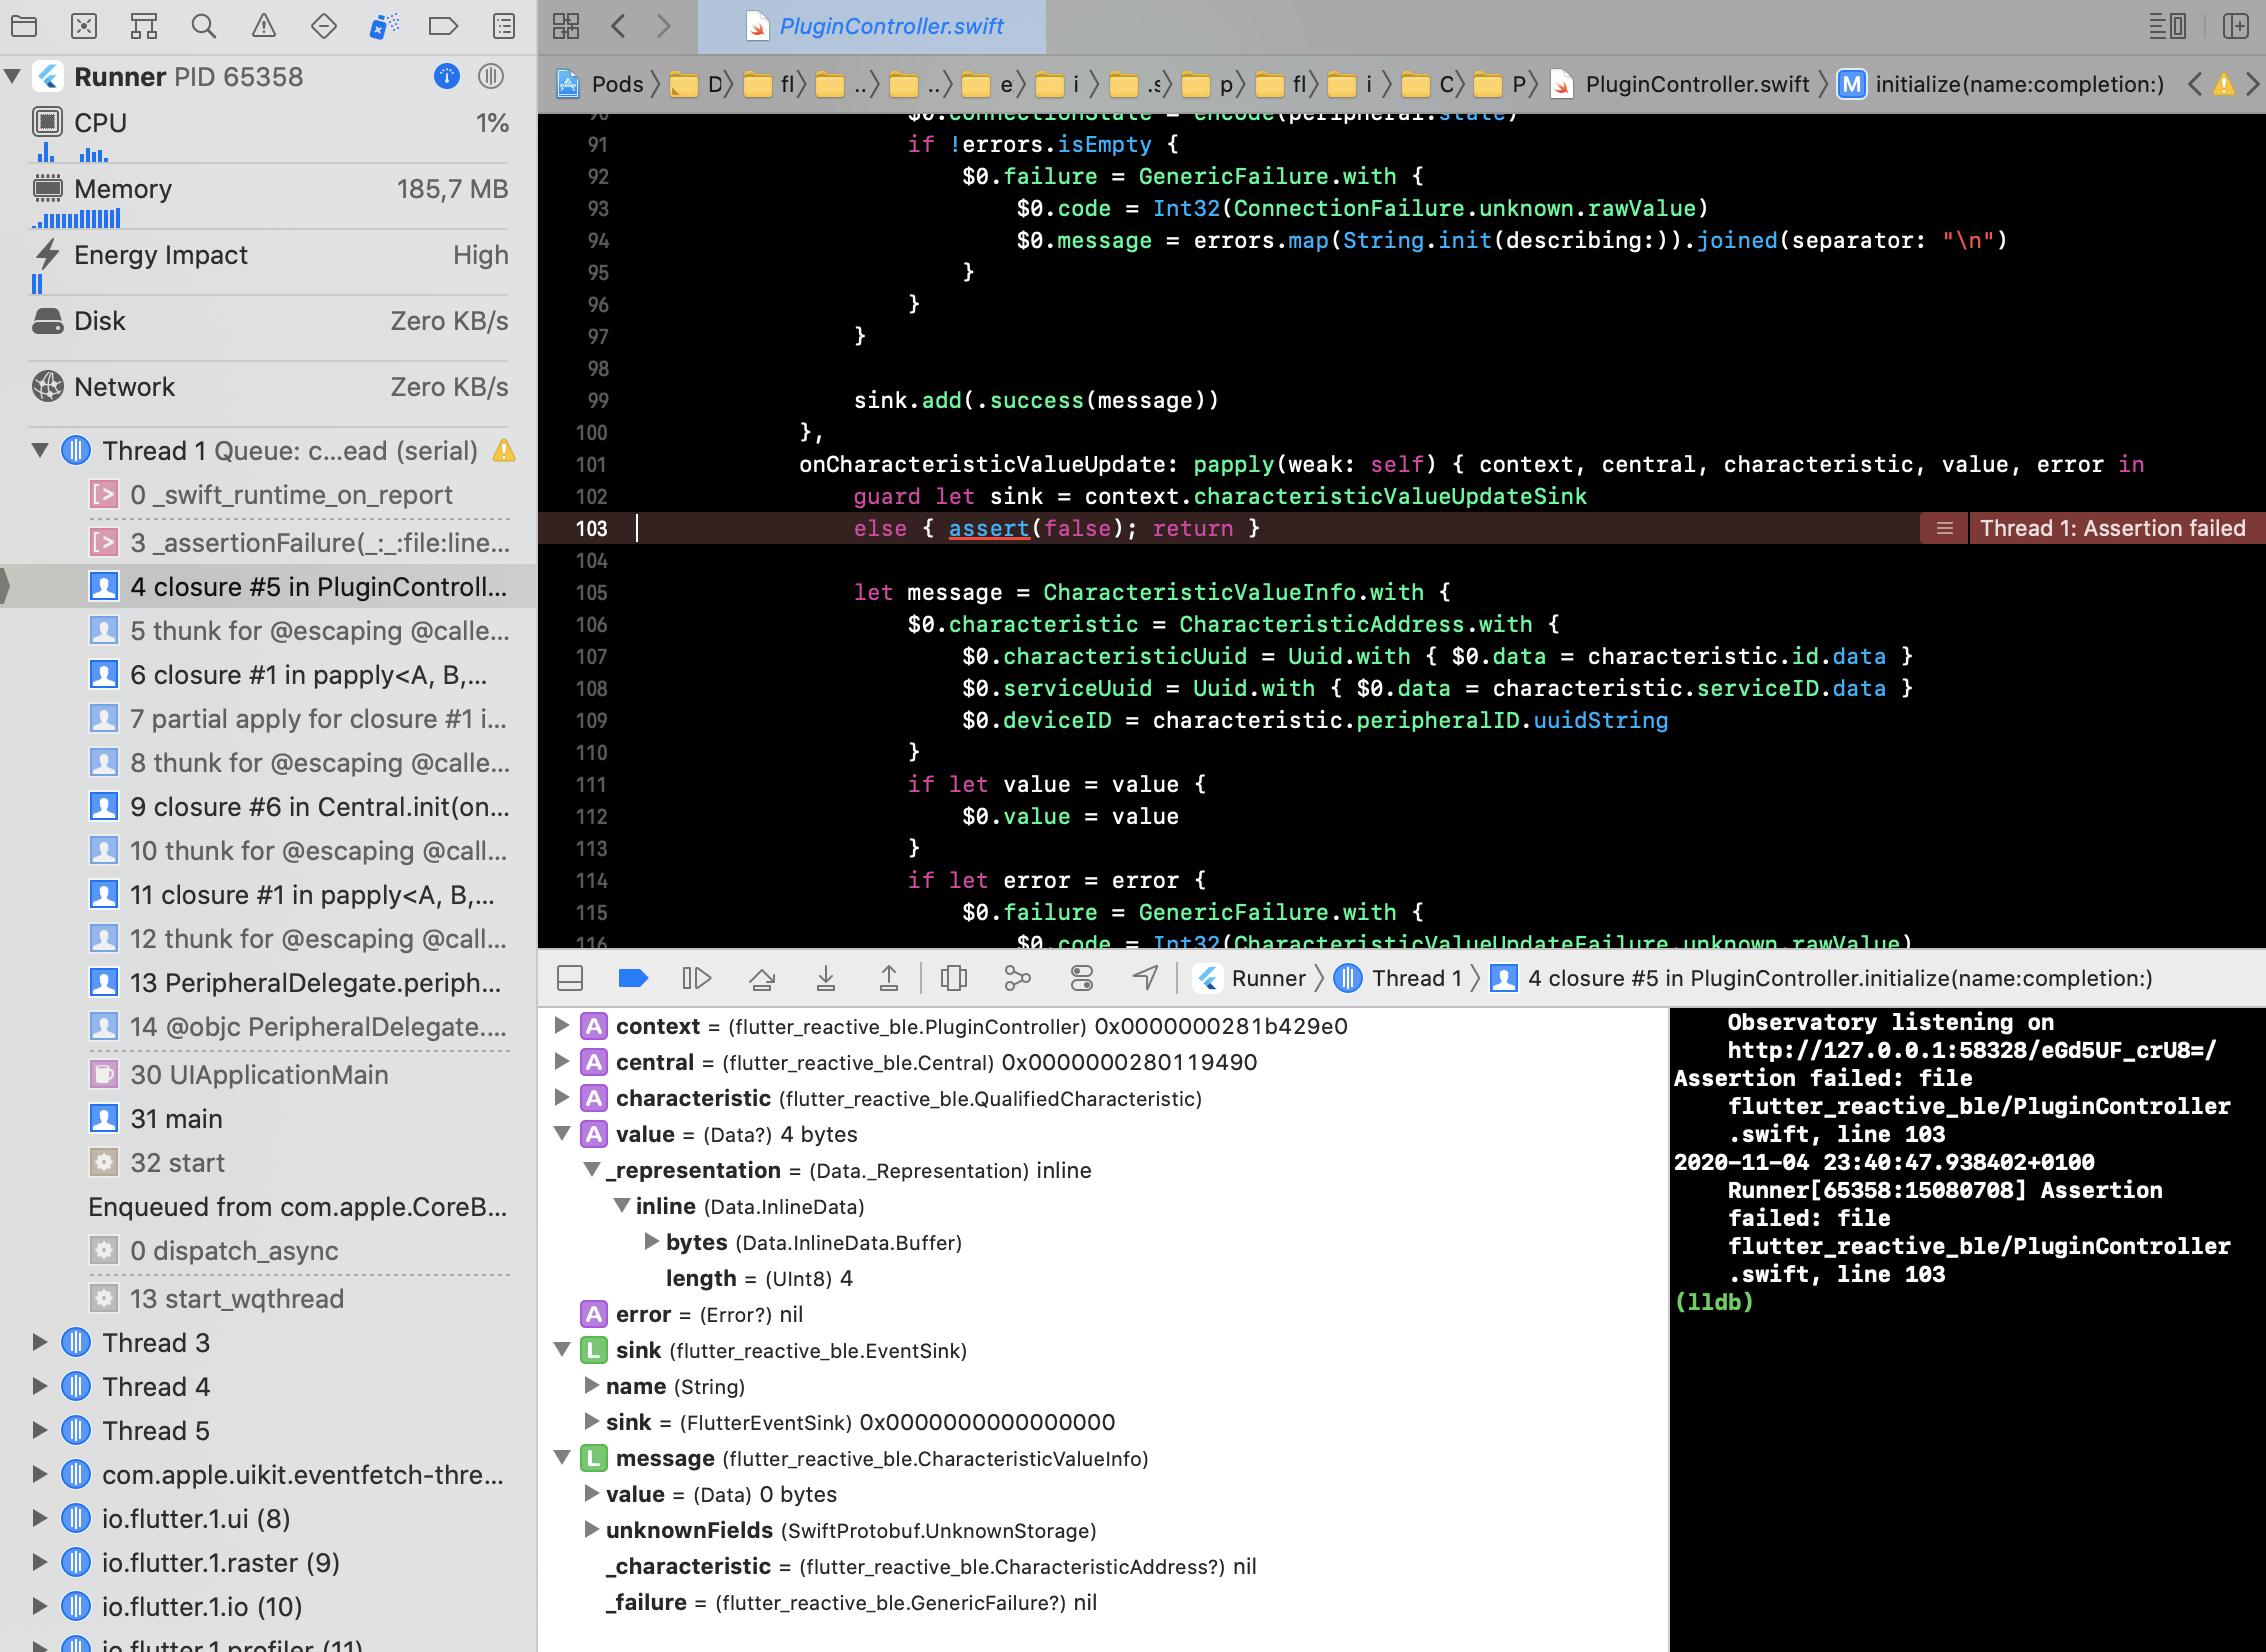 Screenshot 2020-11-04 at 23 42 18